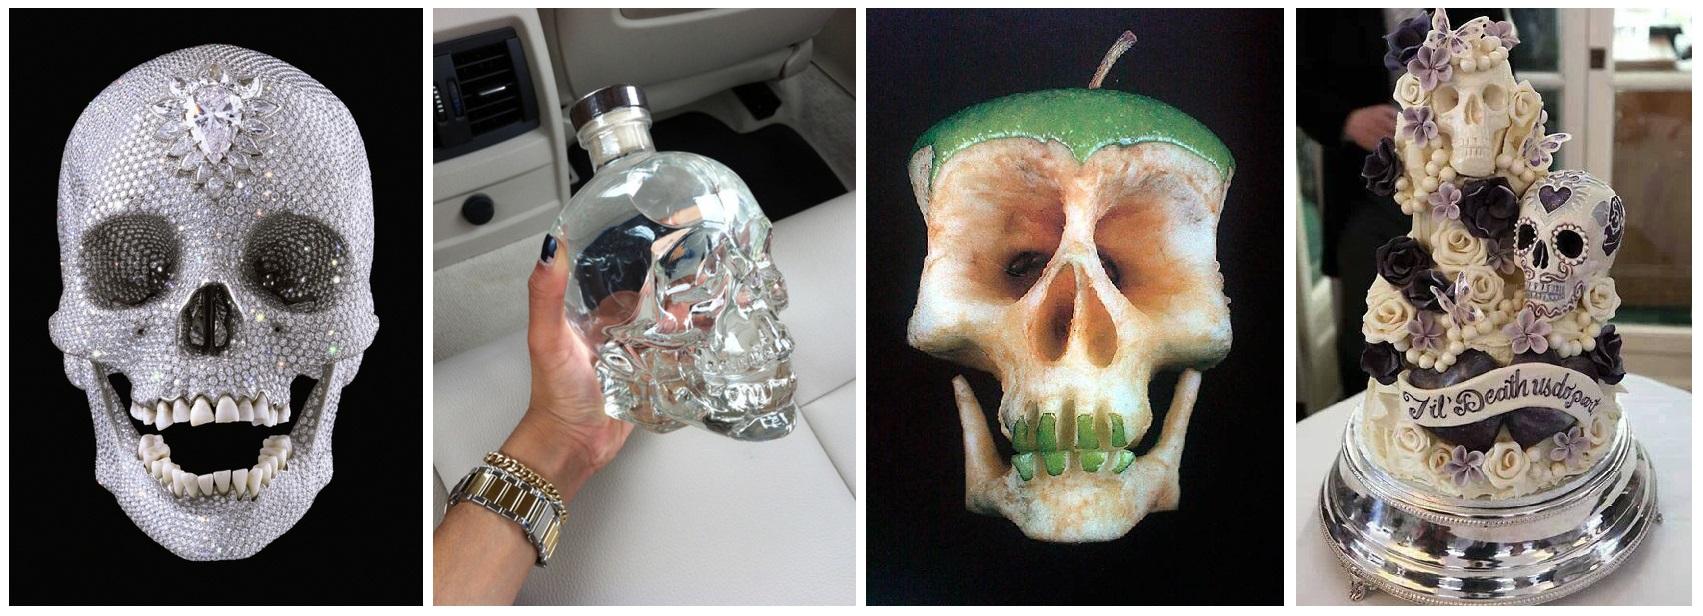 A Short History of Skulls in Art